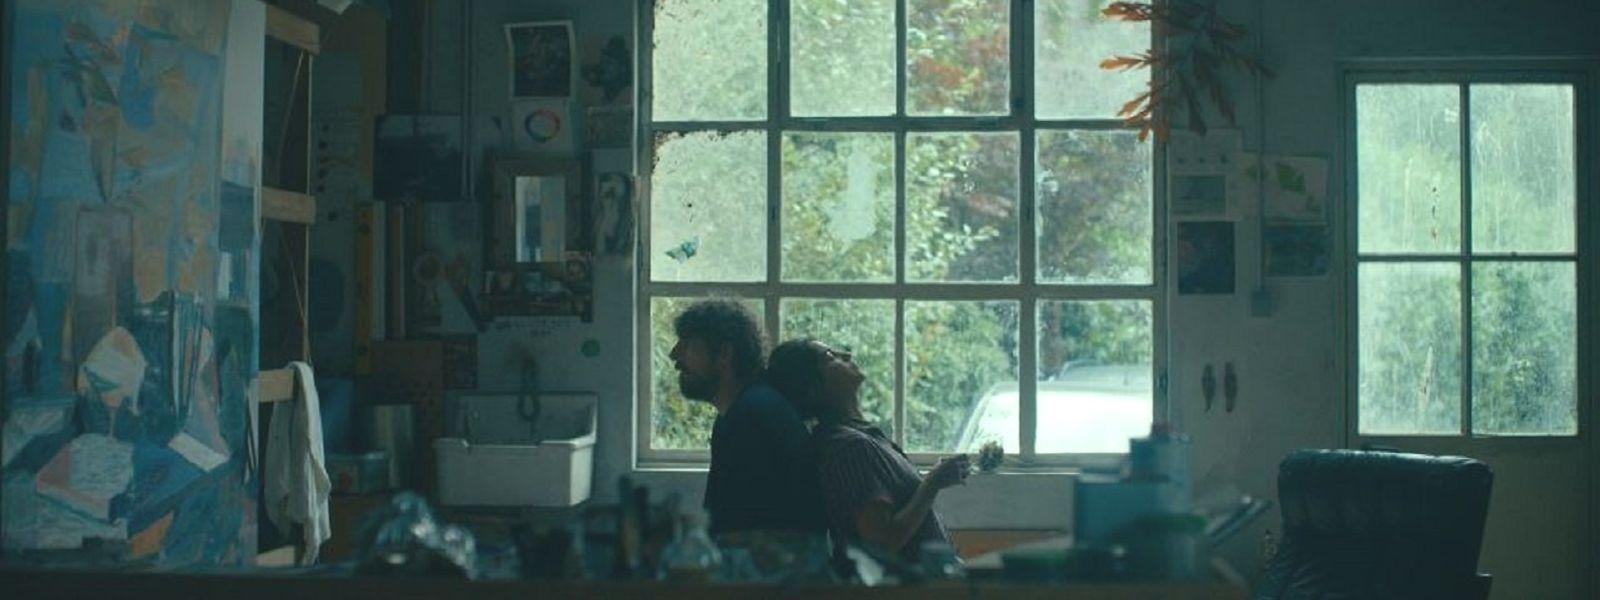 Le film retrace le quotidien d'un couple confronté aux difficultés de la bipolarité.